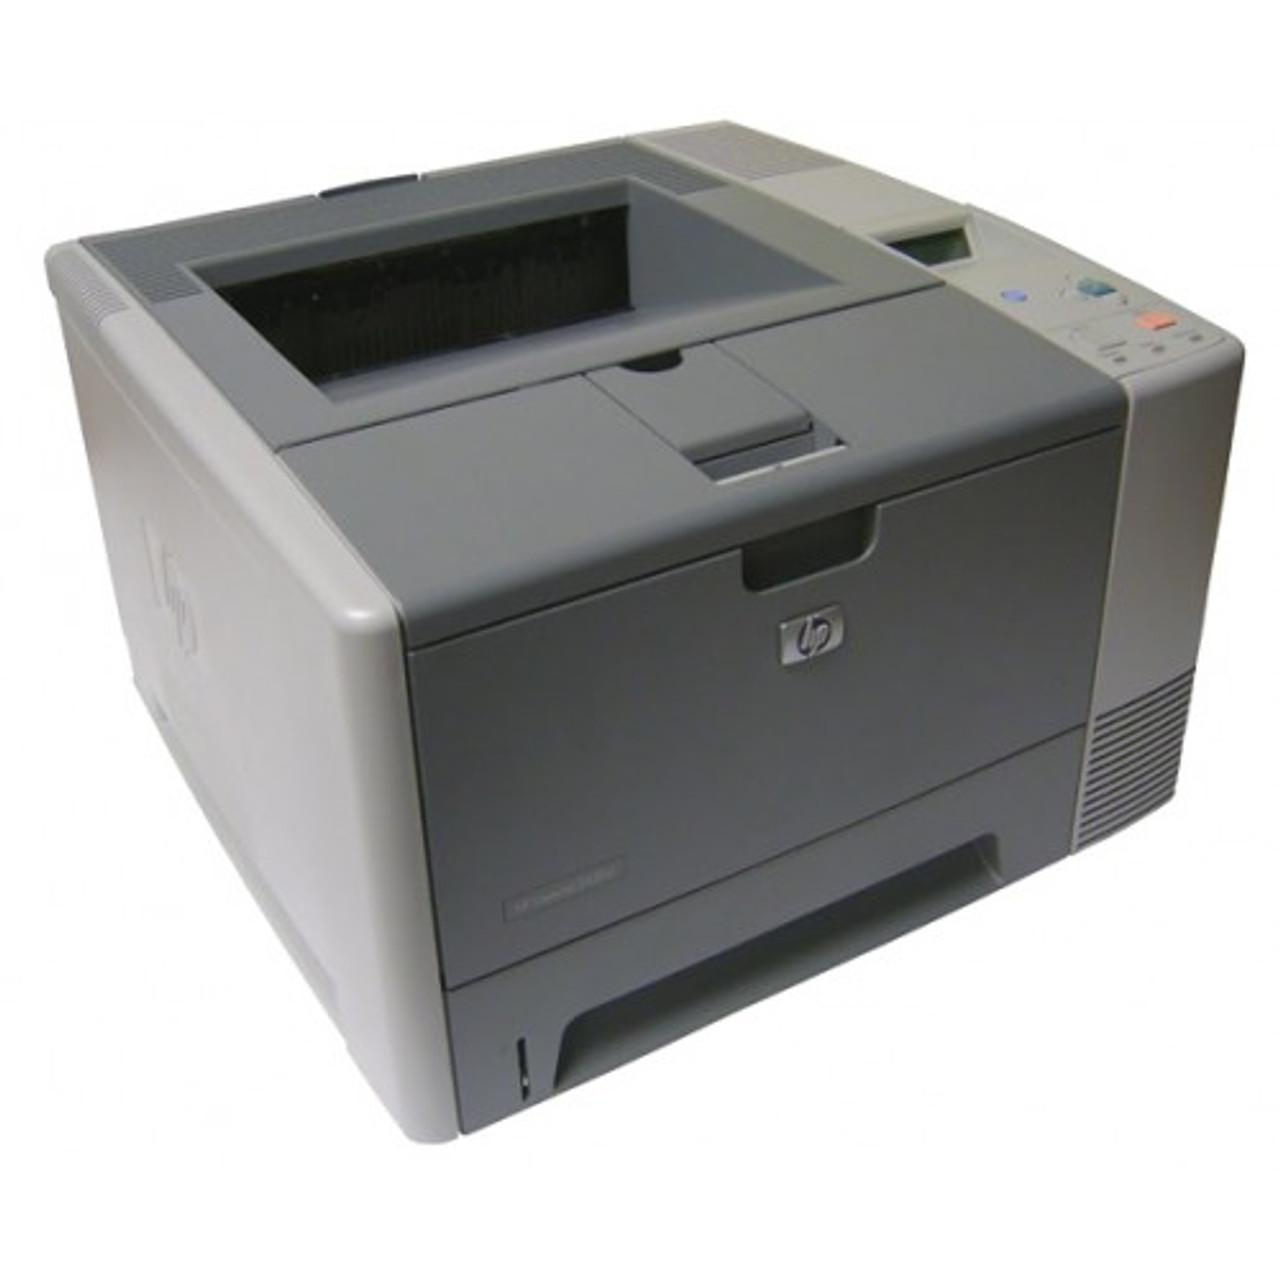 HP LaserJet 2430 - Q5954A - HP Laser Printer for sale